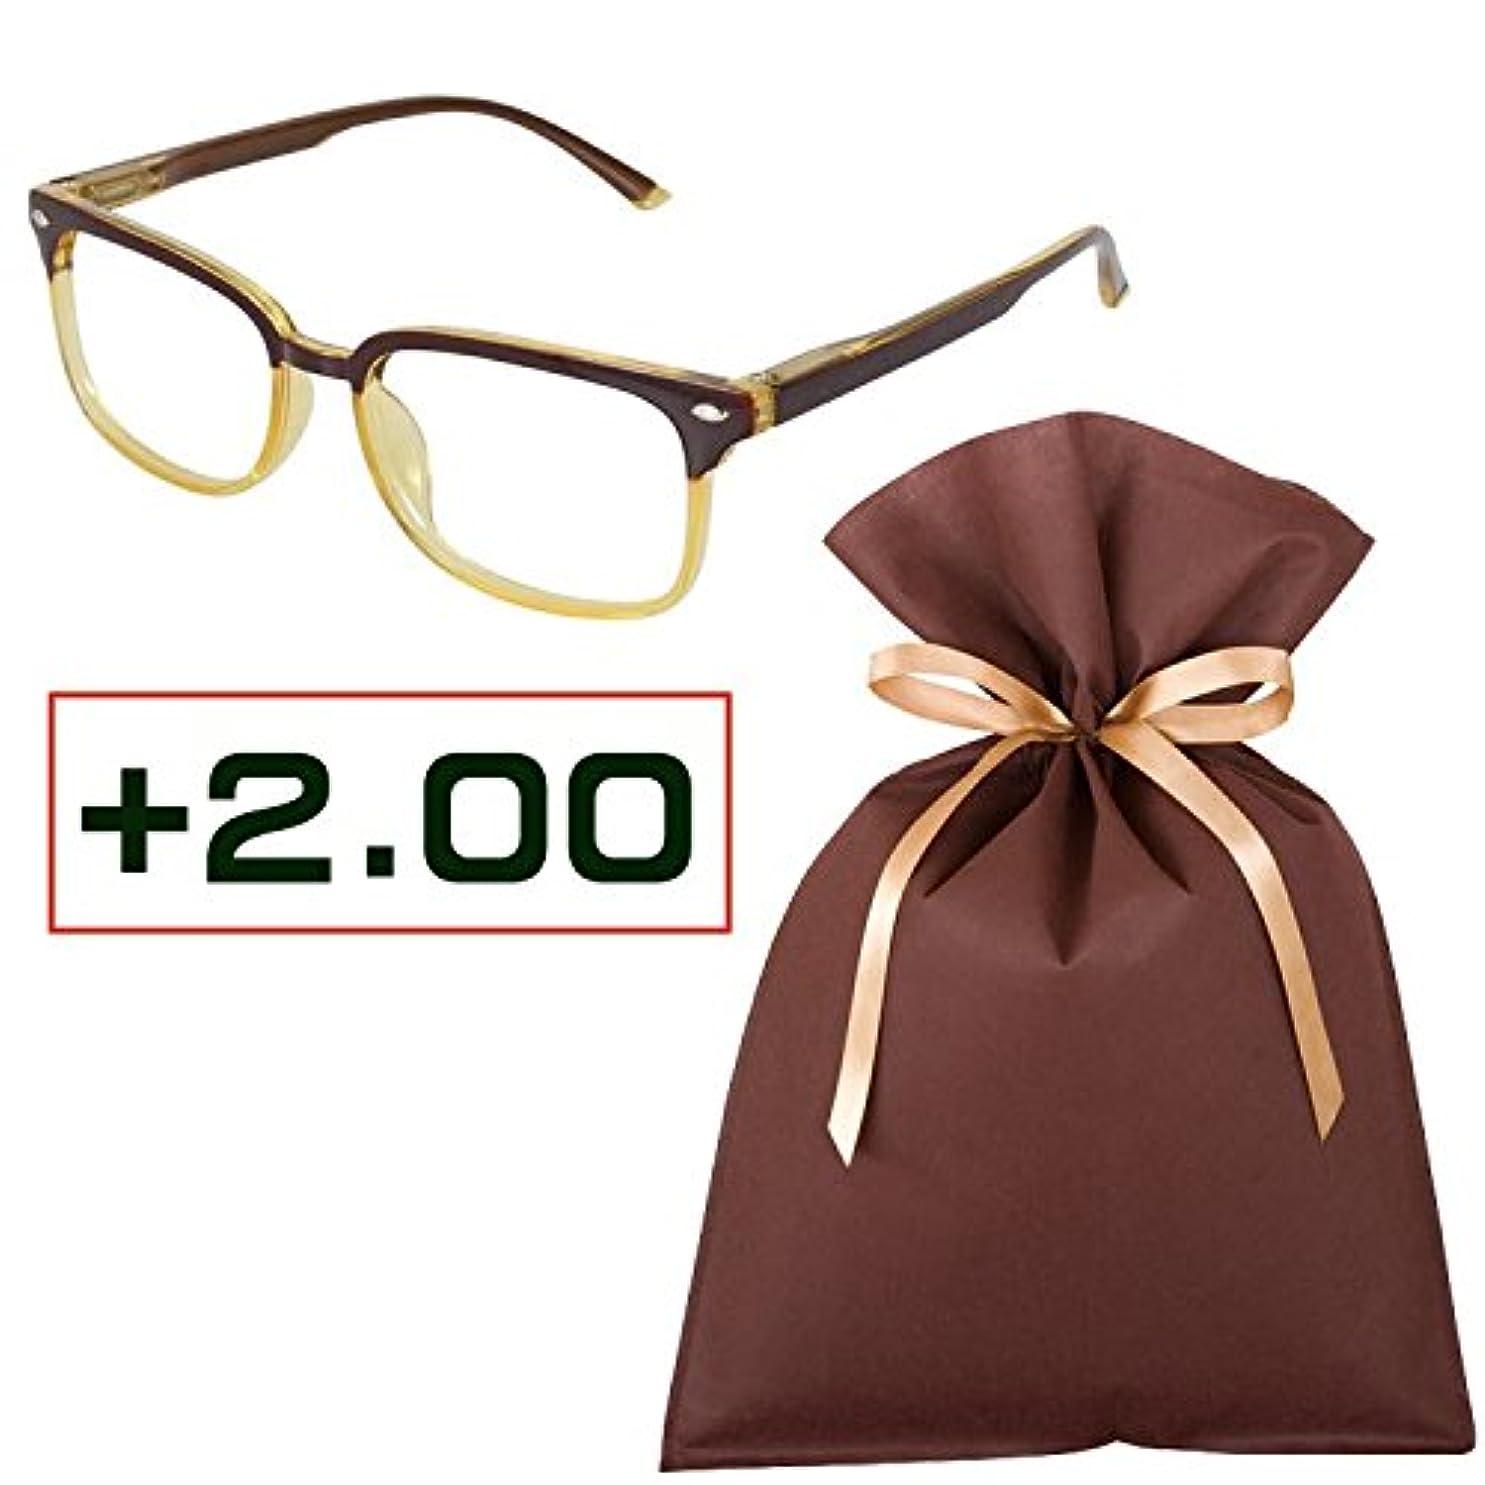 老眼鏡ギフトセット(+2.00)READING GLASSES BR/YL 2.0